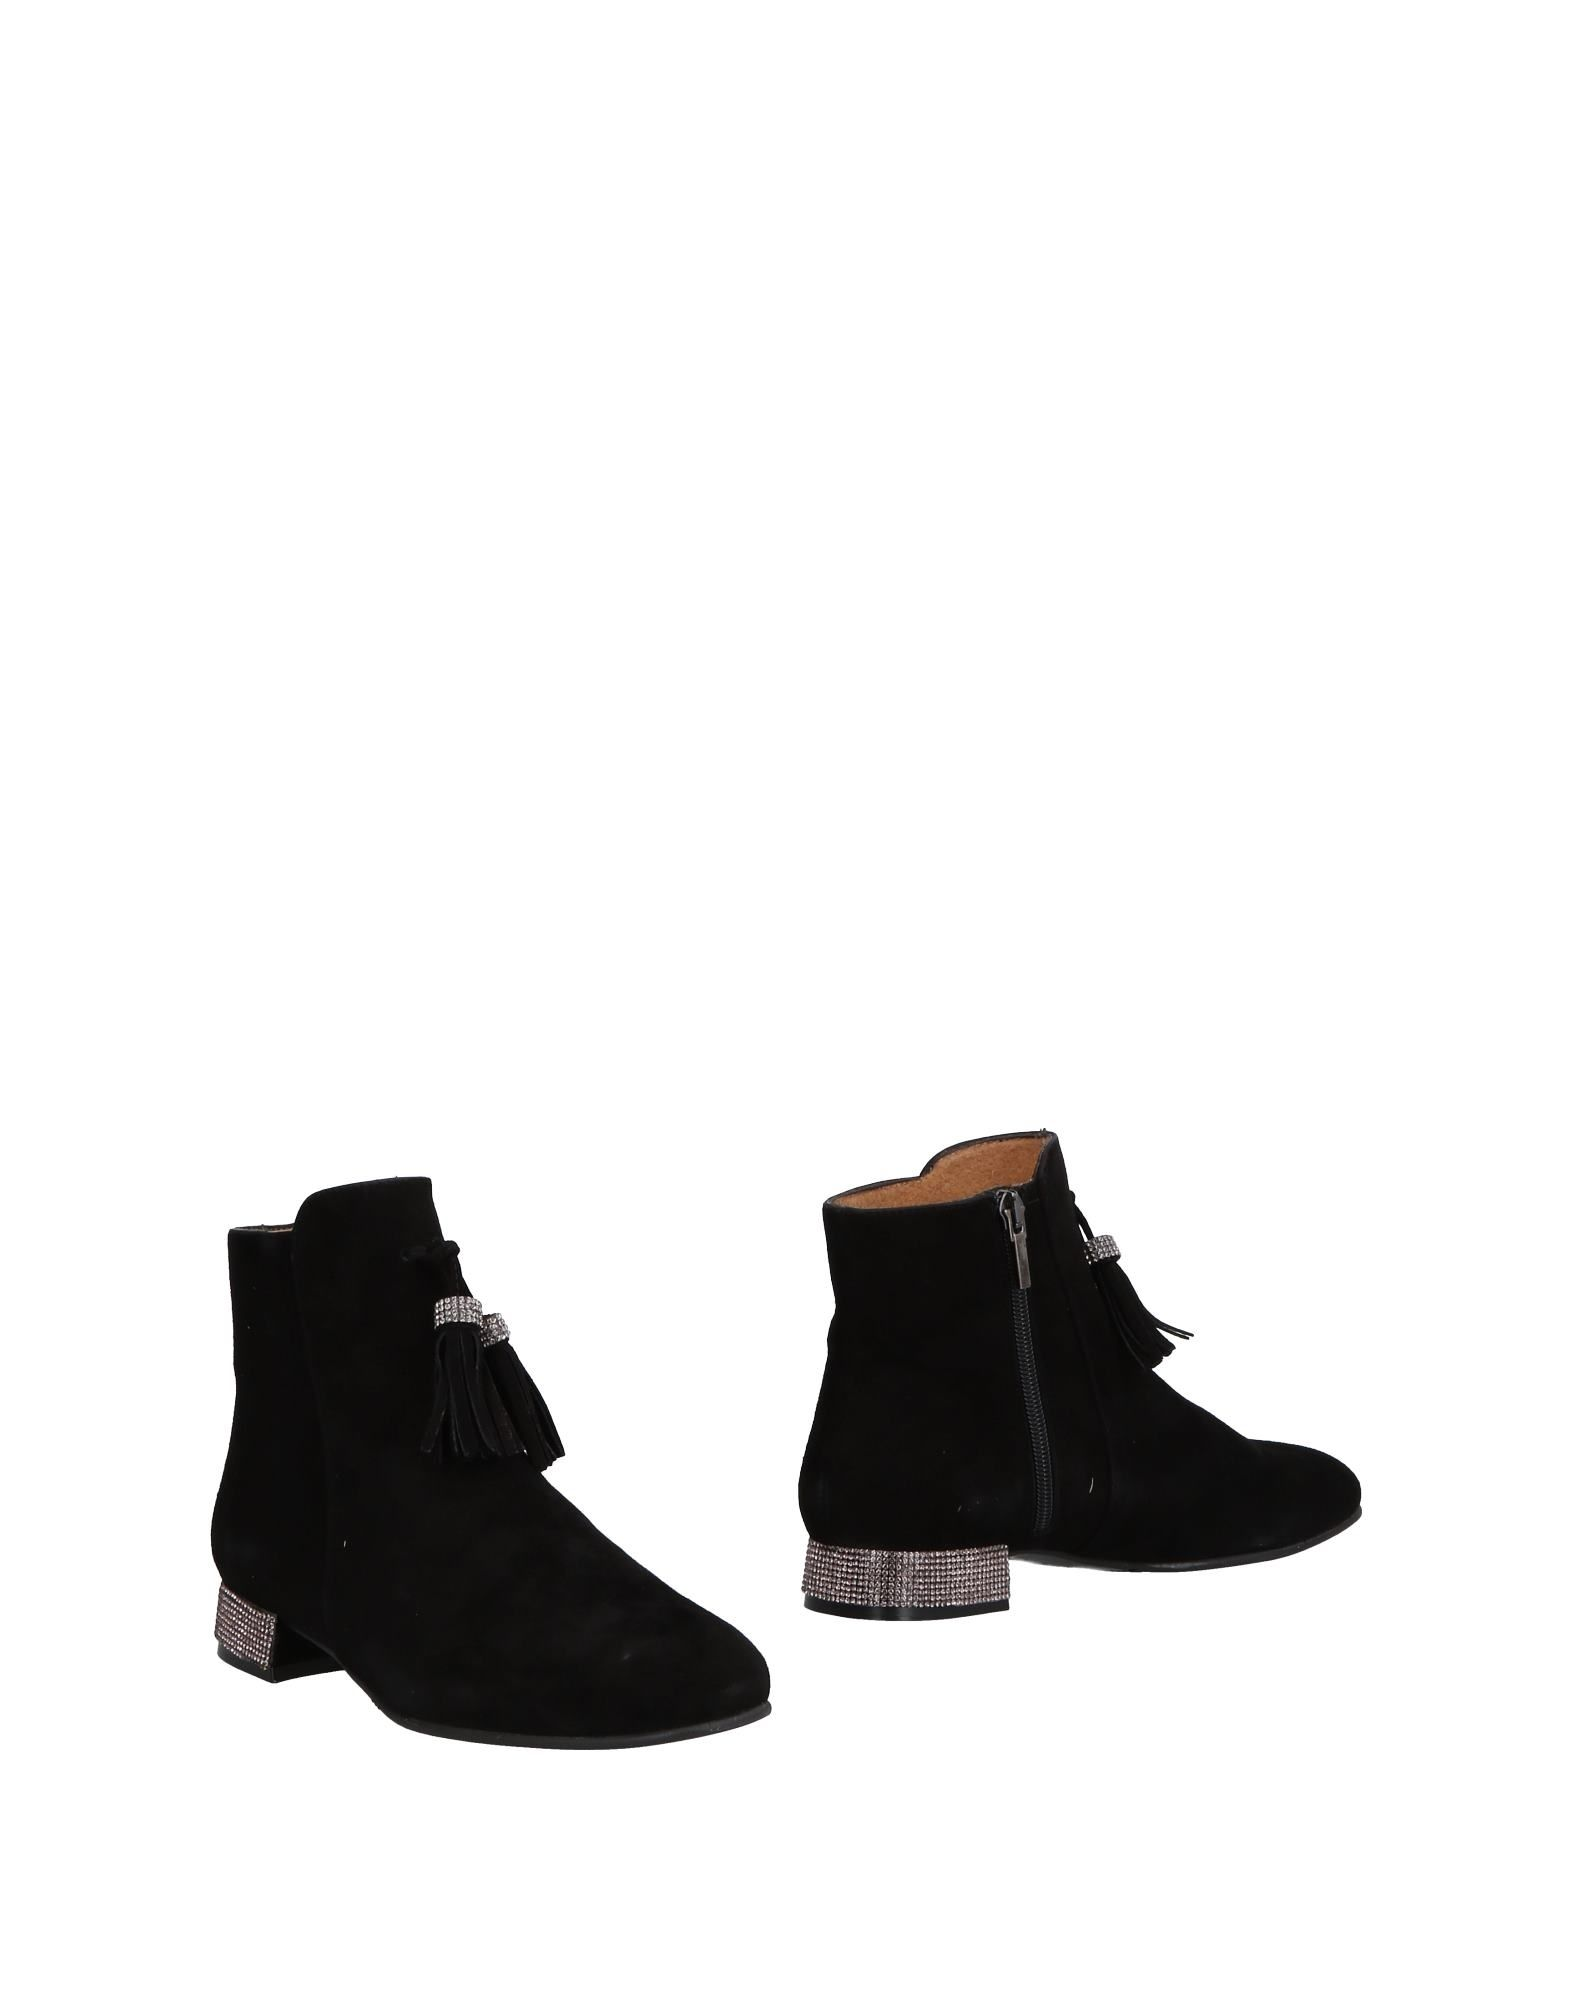 Marian Stiefelette Damen  11496779DB Gute Qualität beliebte Schuhe